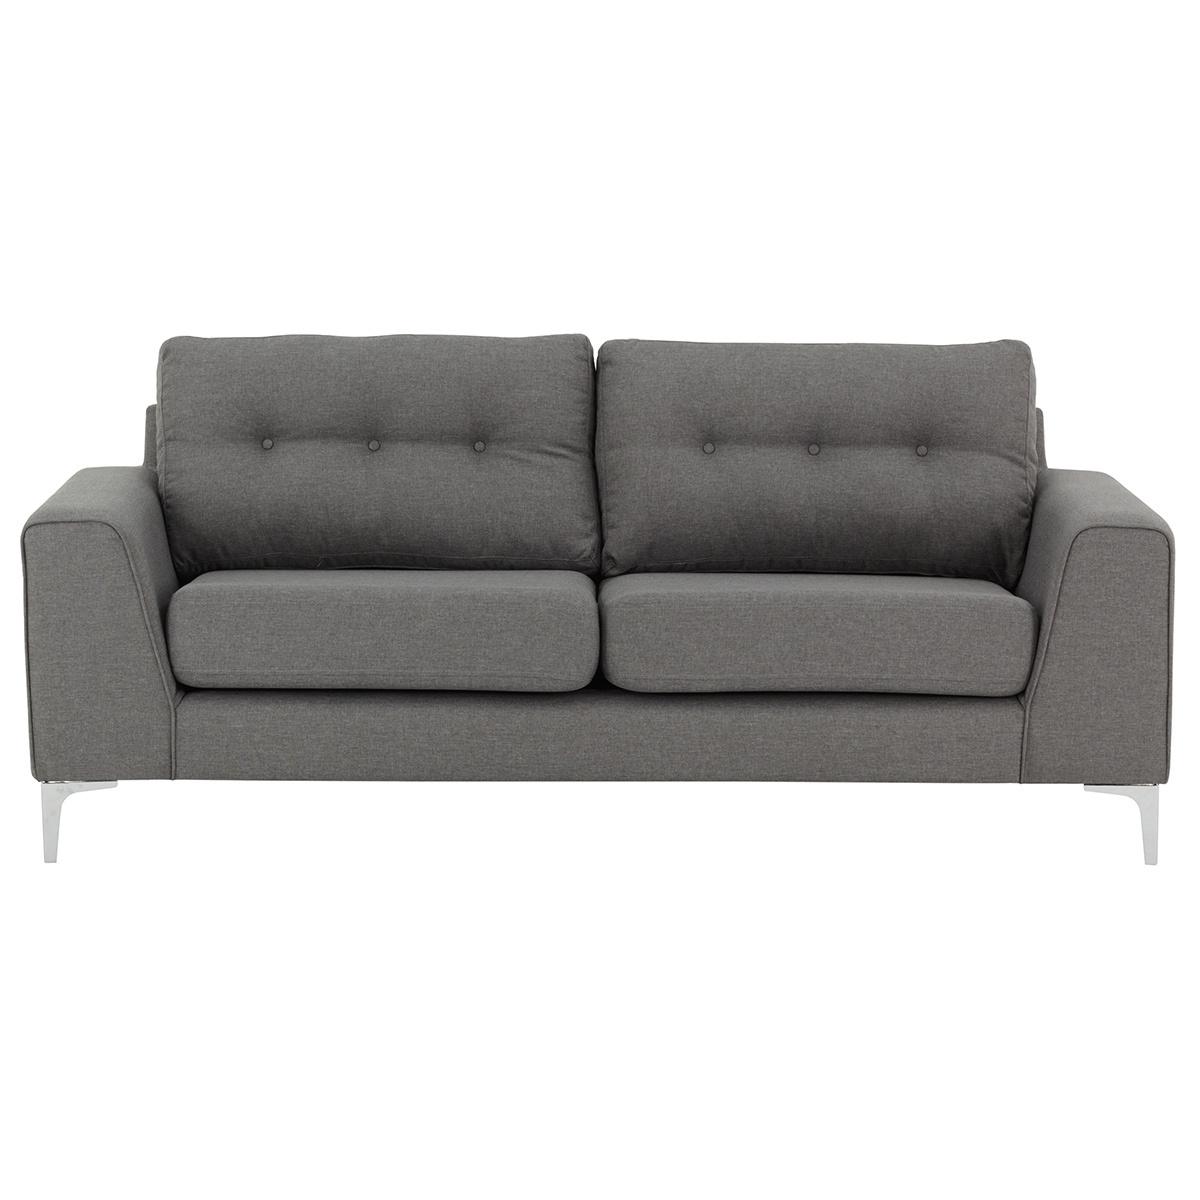 Divano design 3 posti grigio chiaro EBONY